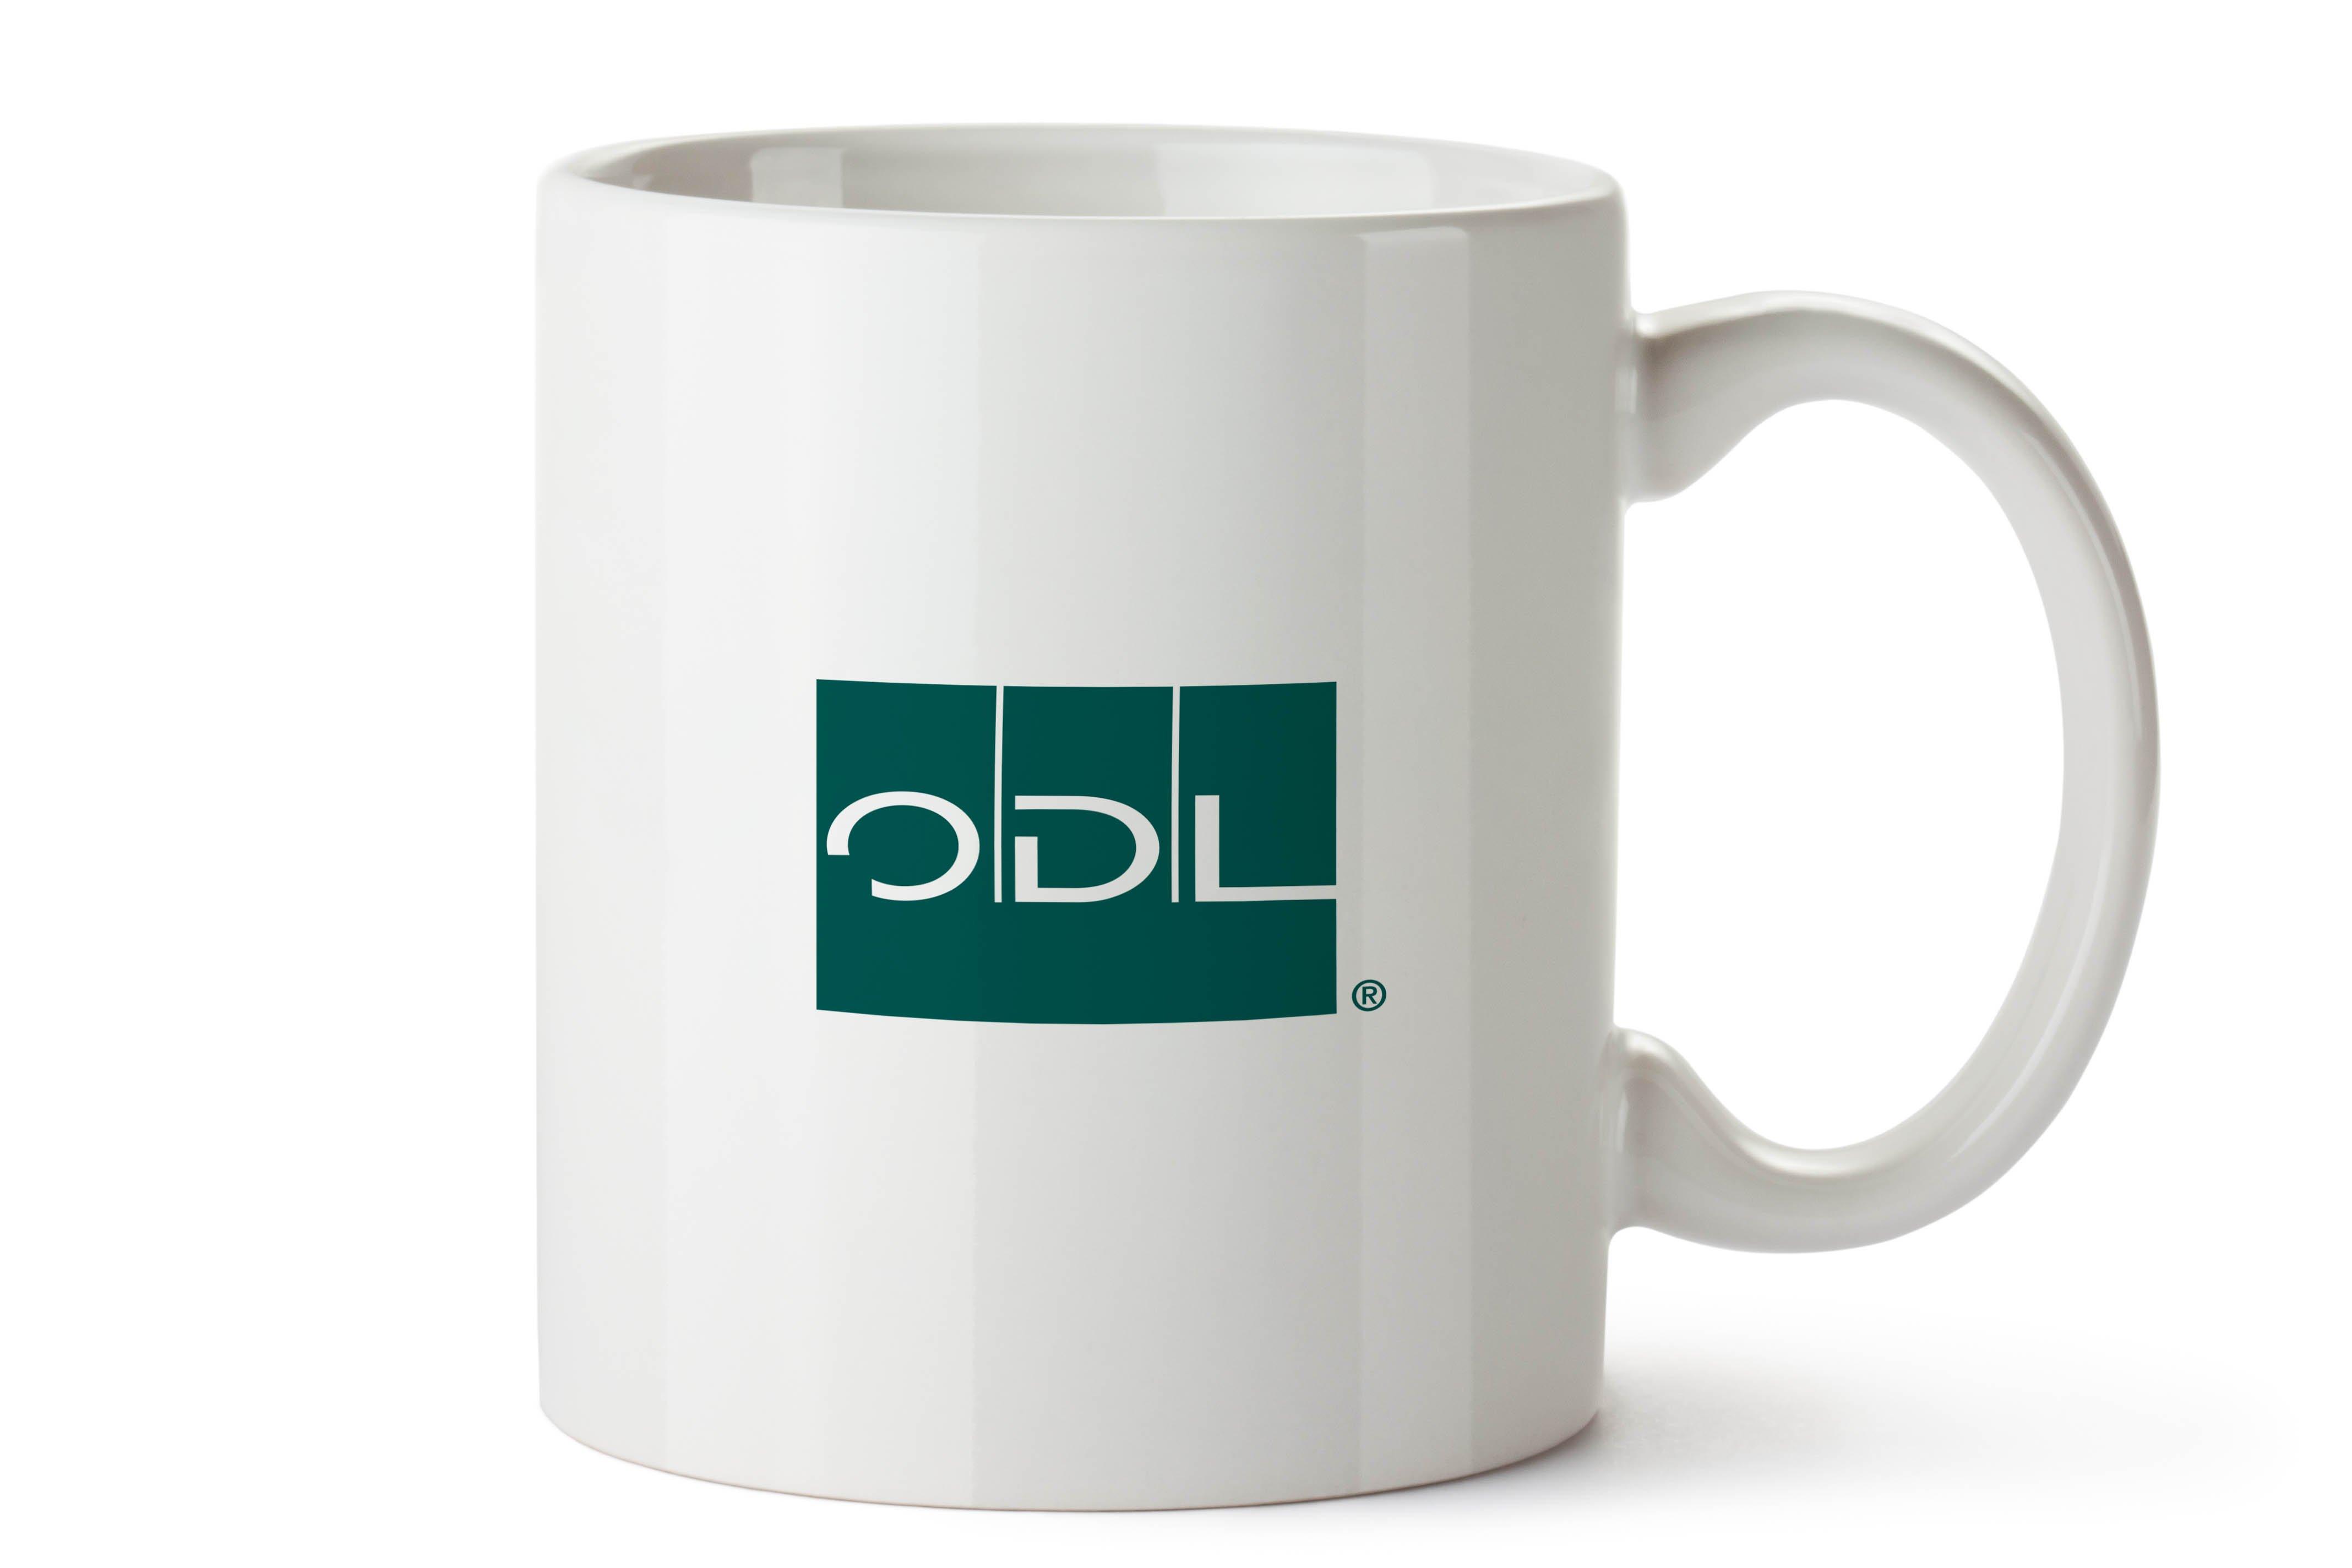 ODL_Mug